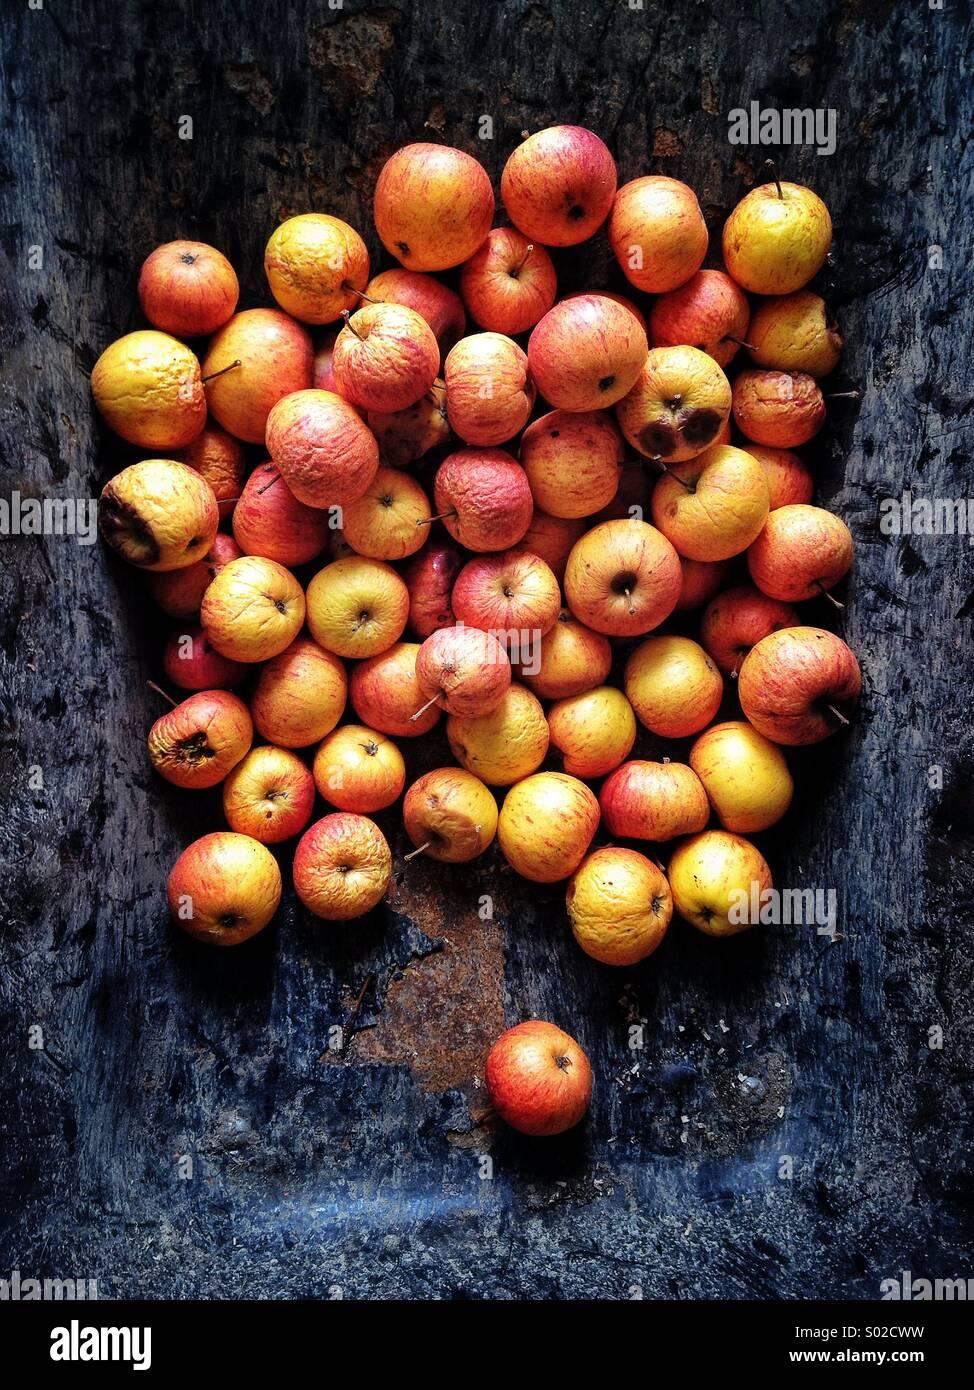 La manzana podrida en metal carretilla Imagen De Stock